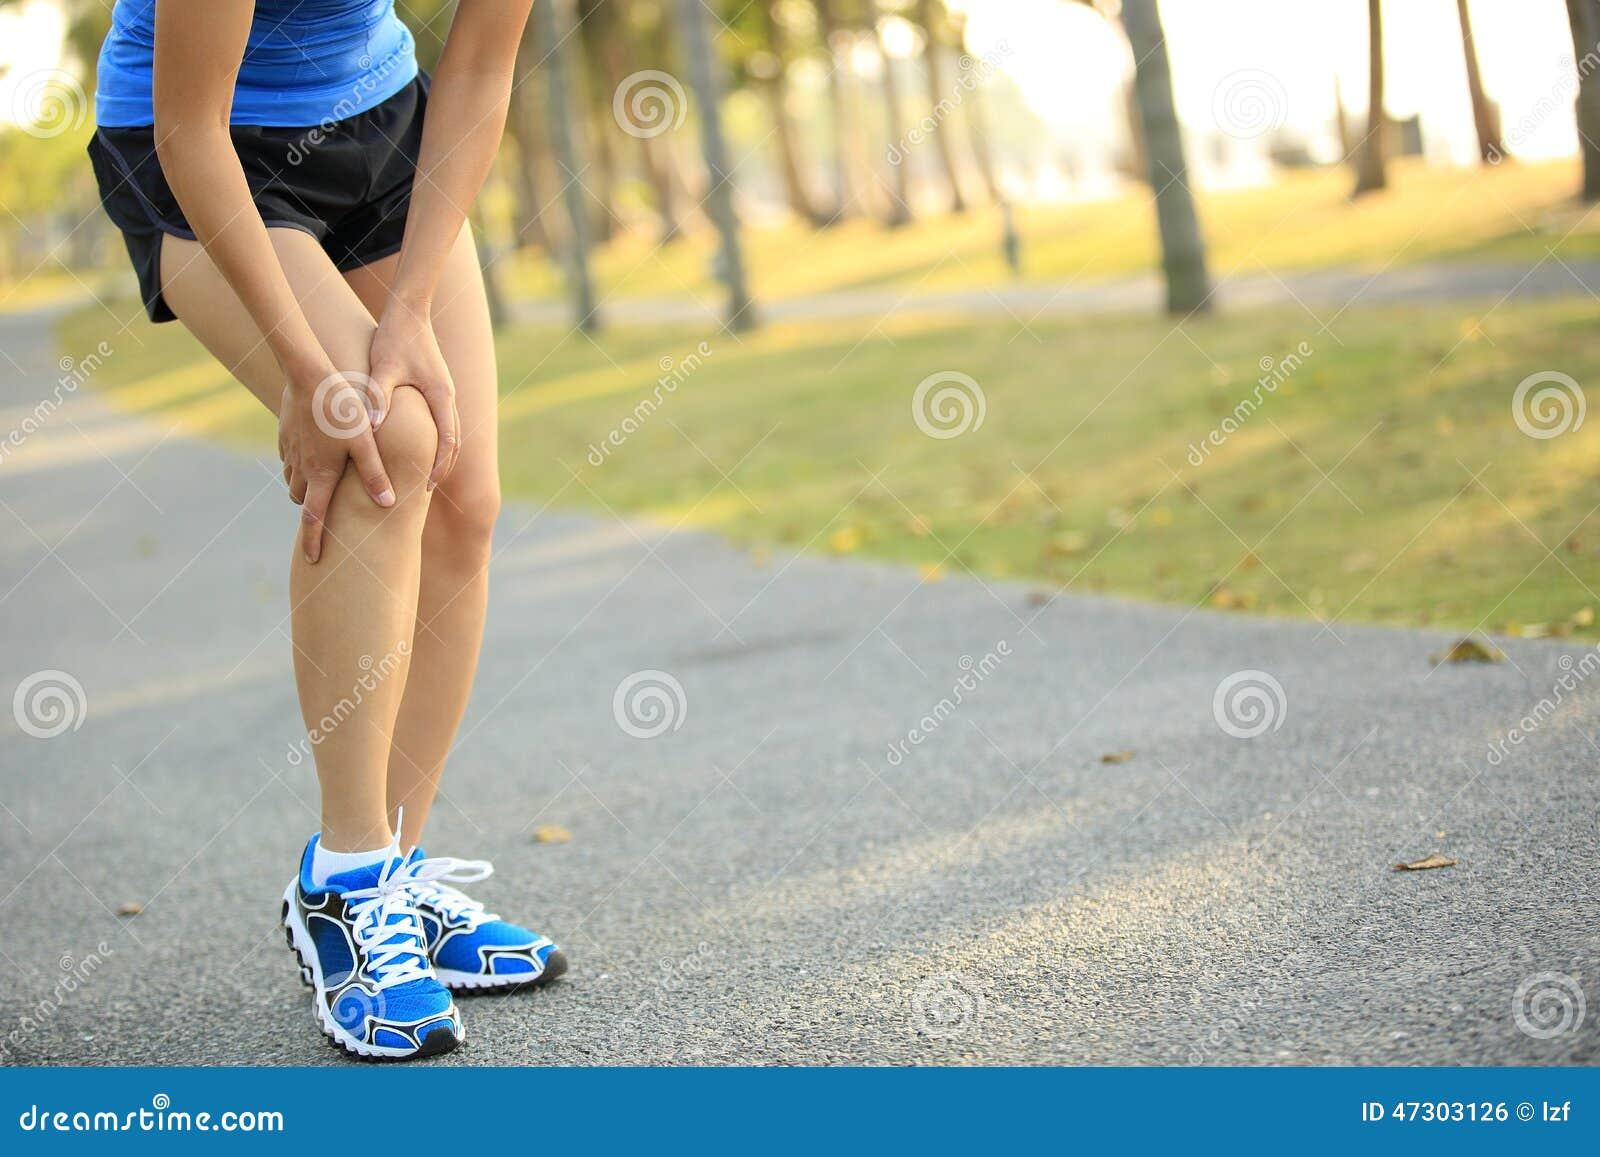 Ο δρομέας γυναικών κρατά τραυματισμένο το αθλητισμός γόνατό της